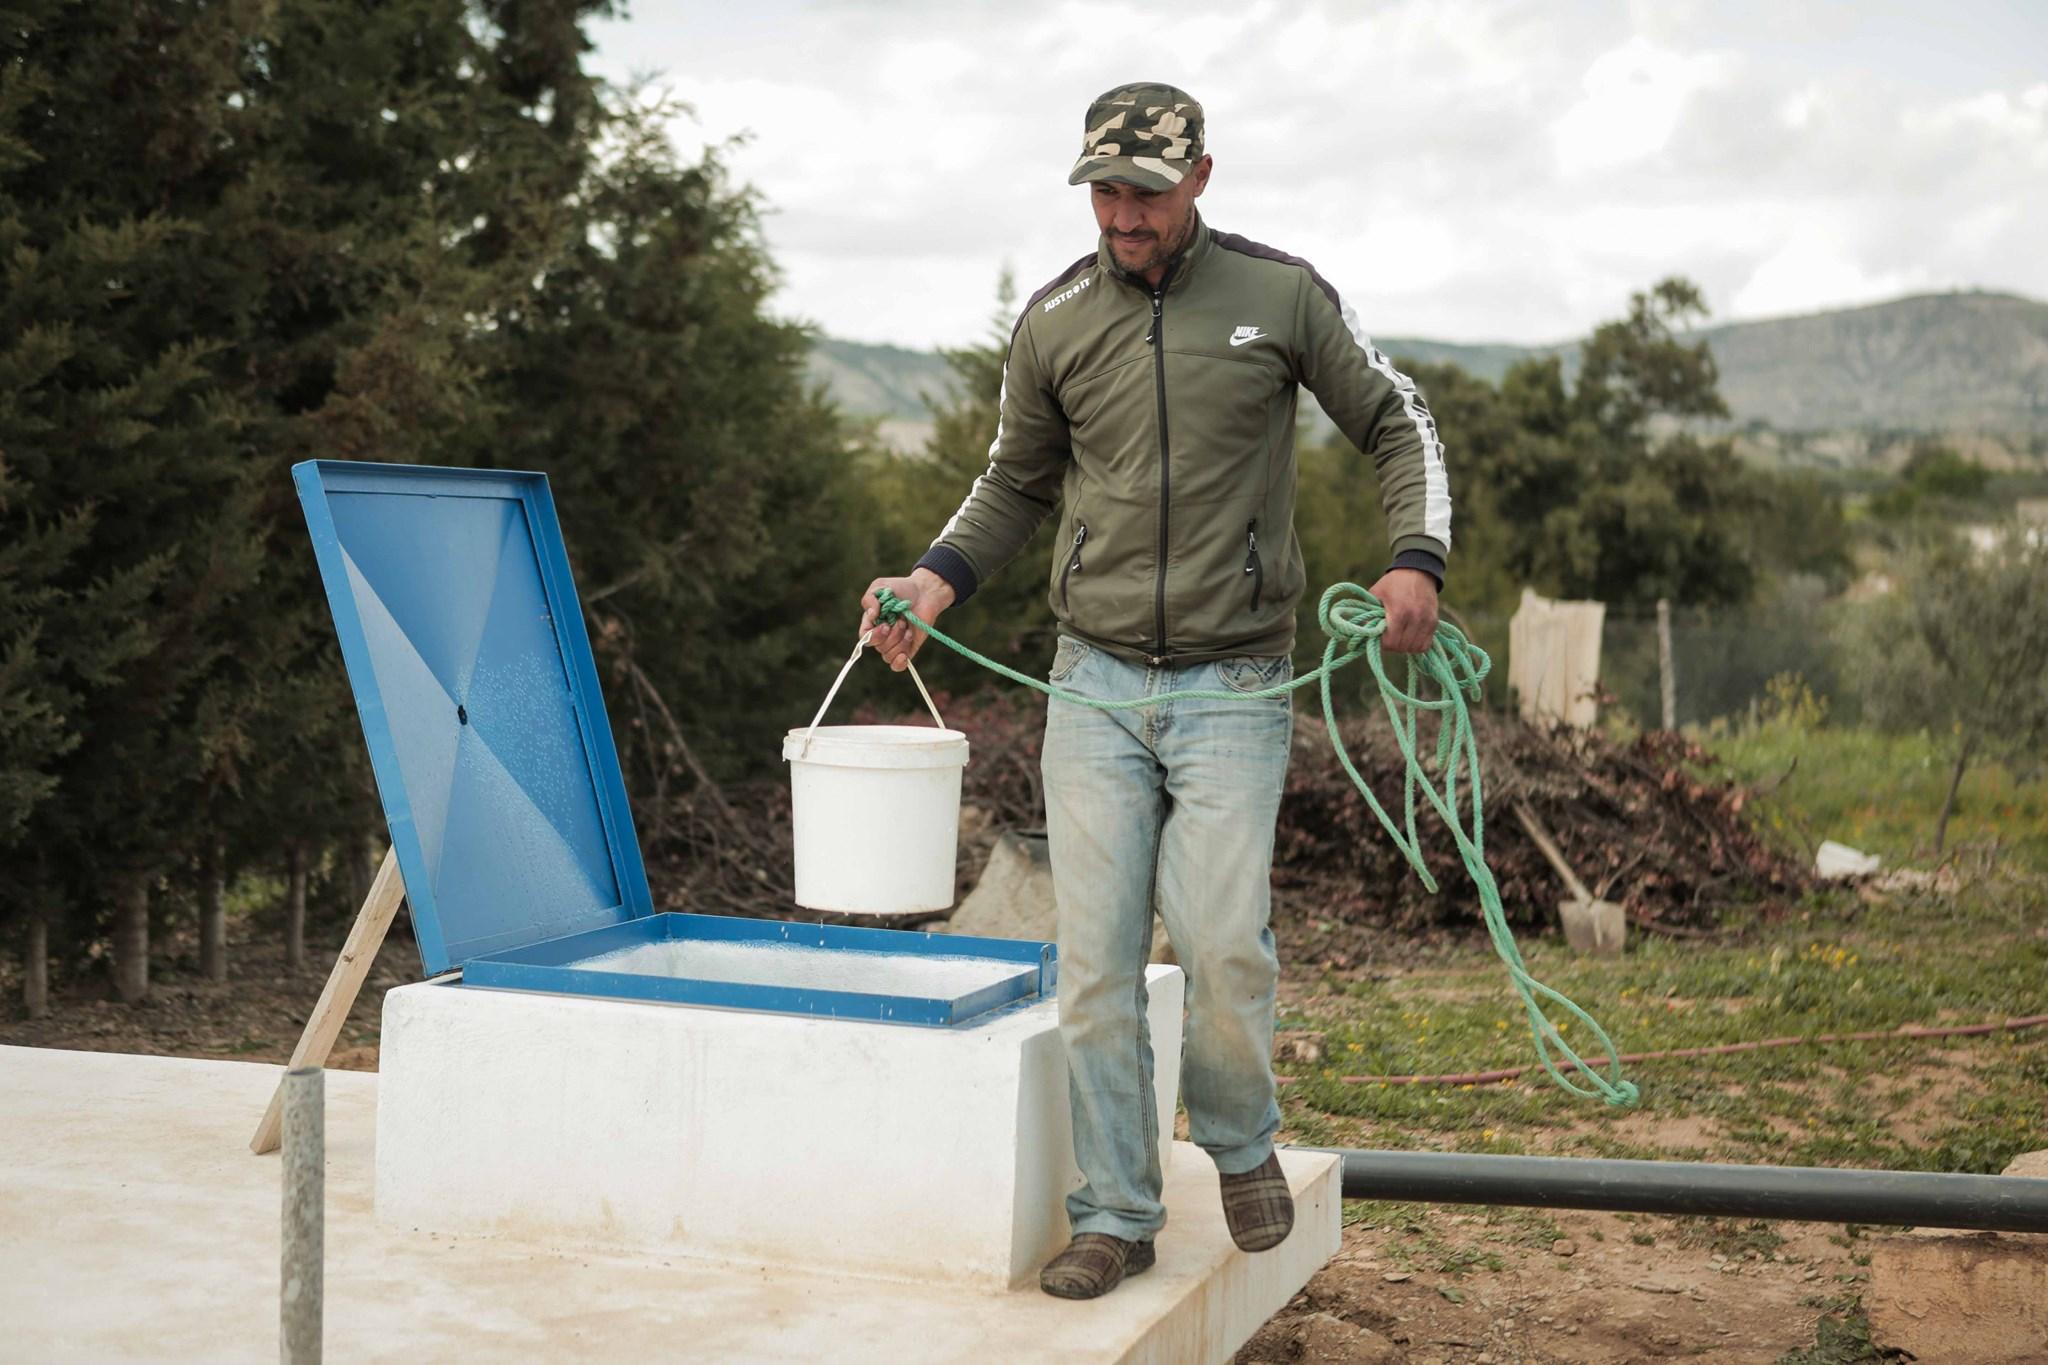 L'Agence japonaise de coopération internationale aide la Tunisie pour faire face à la rareté de l'eau